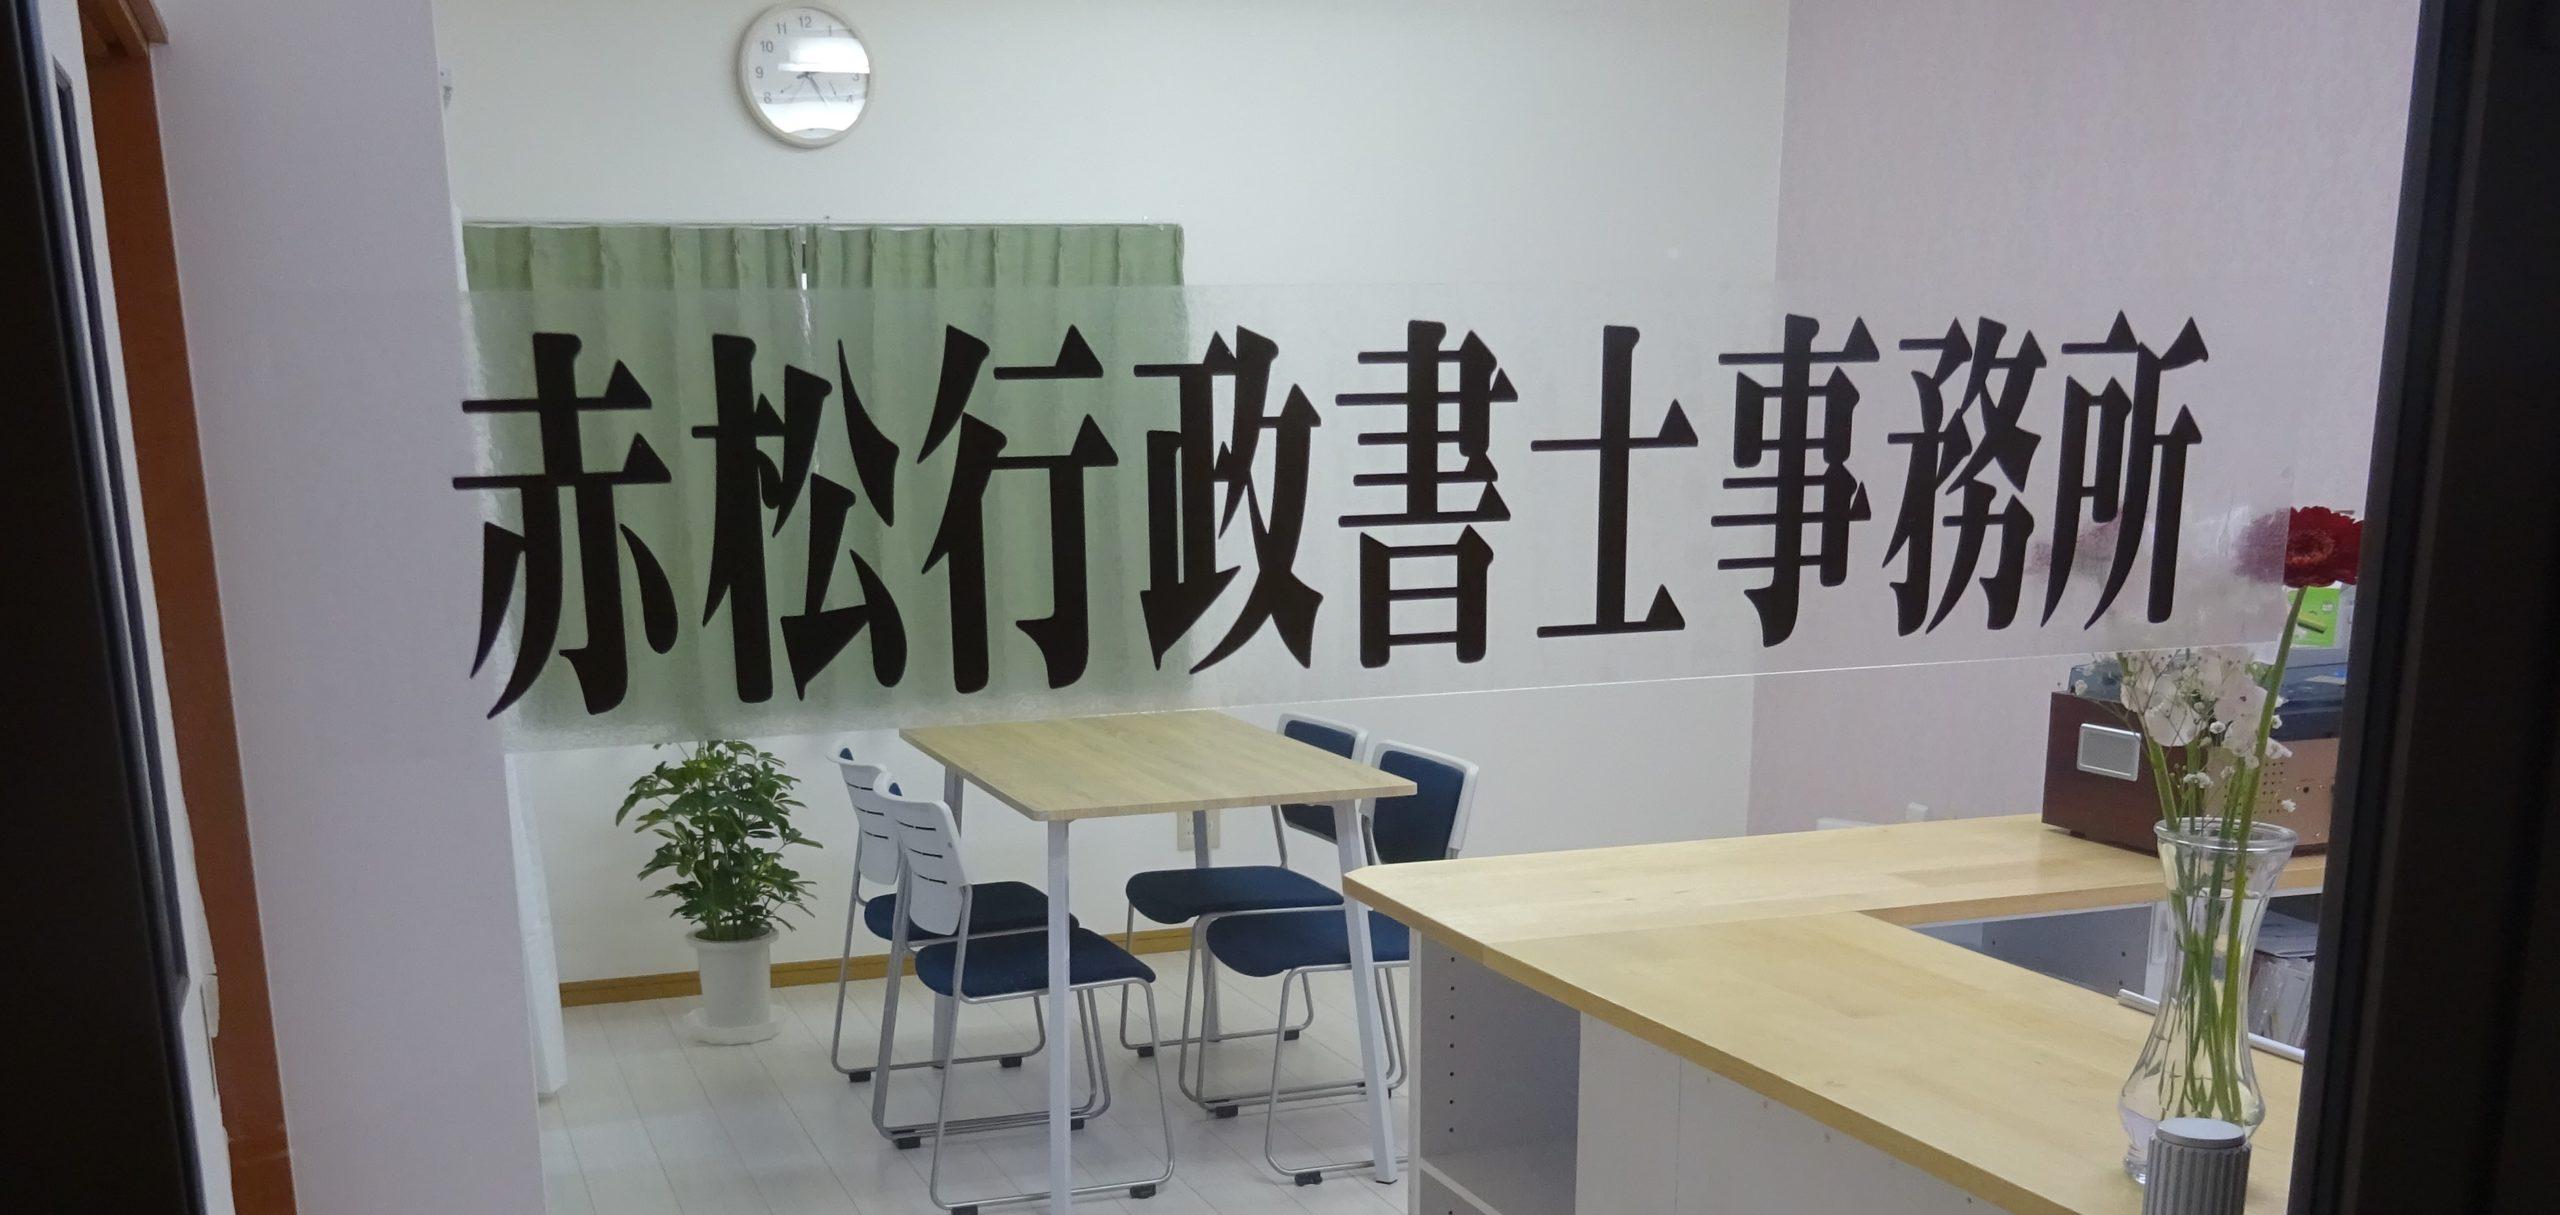 赤松行政書士事務所